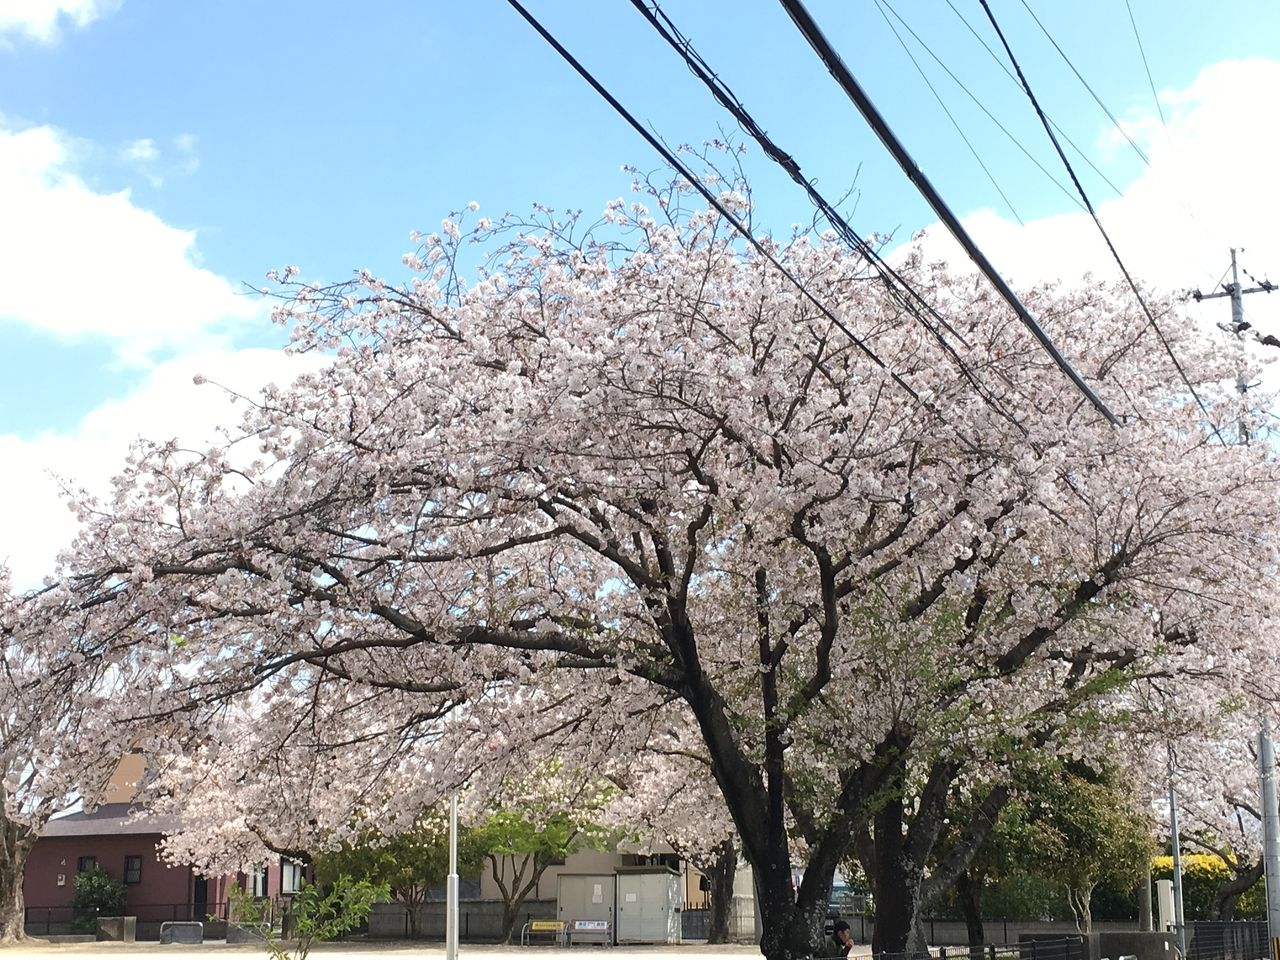 熊本市東区沼山津公園のさくらの花が今年はまだ満開のままはなひらいています。